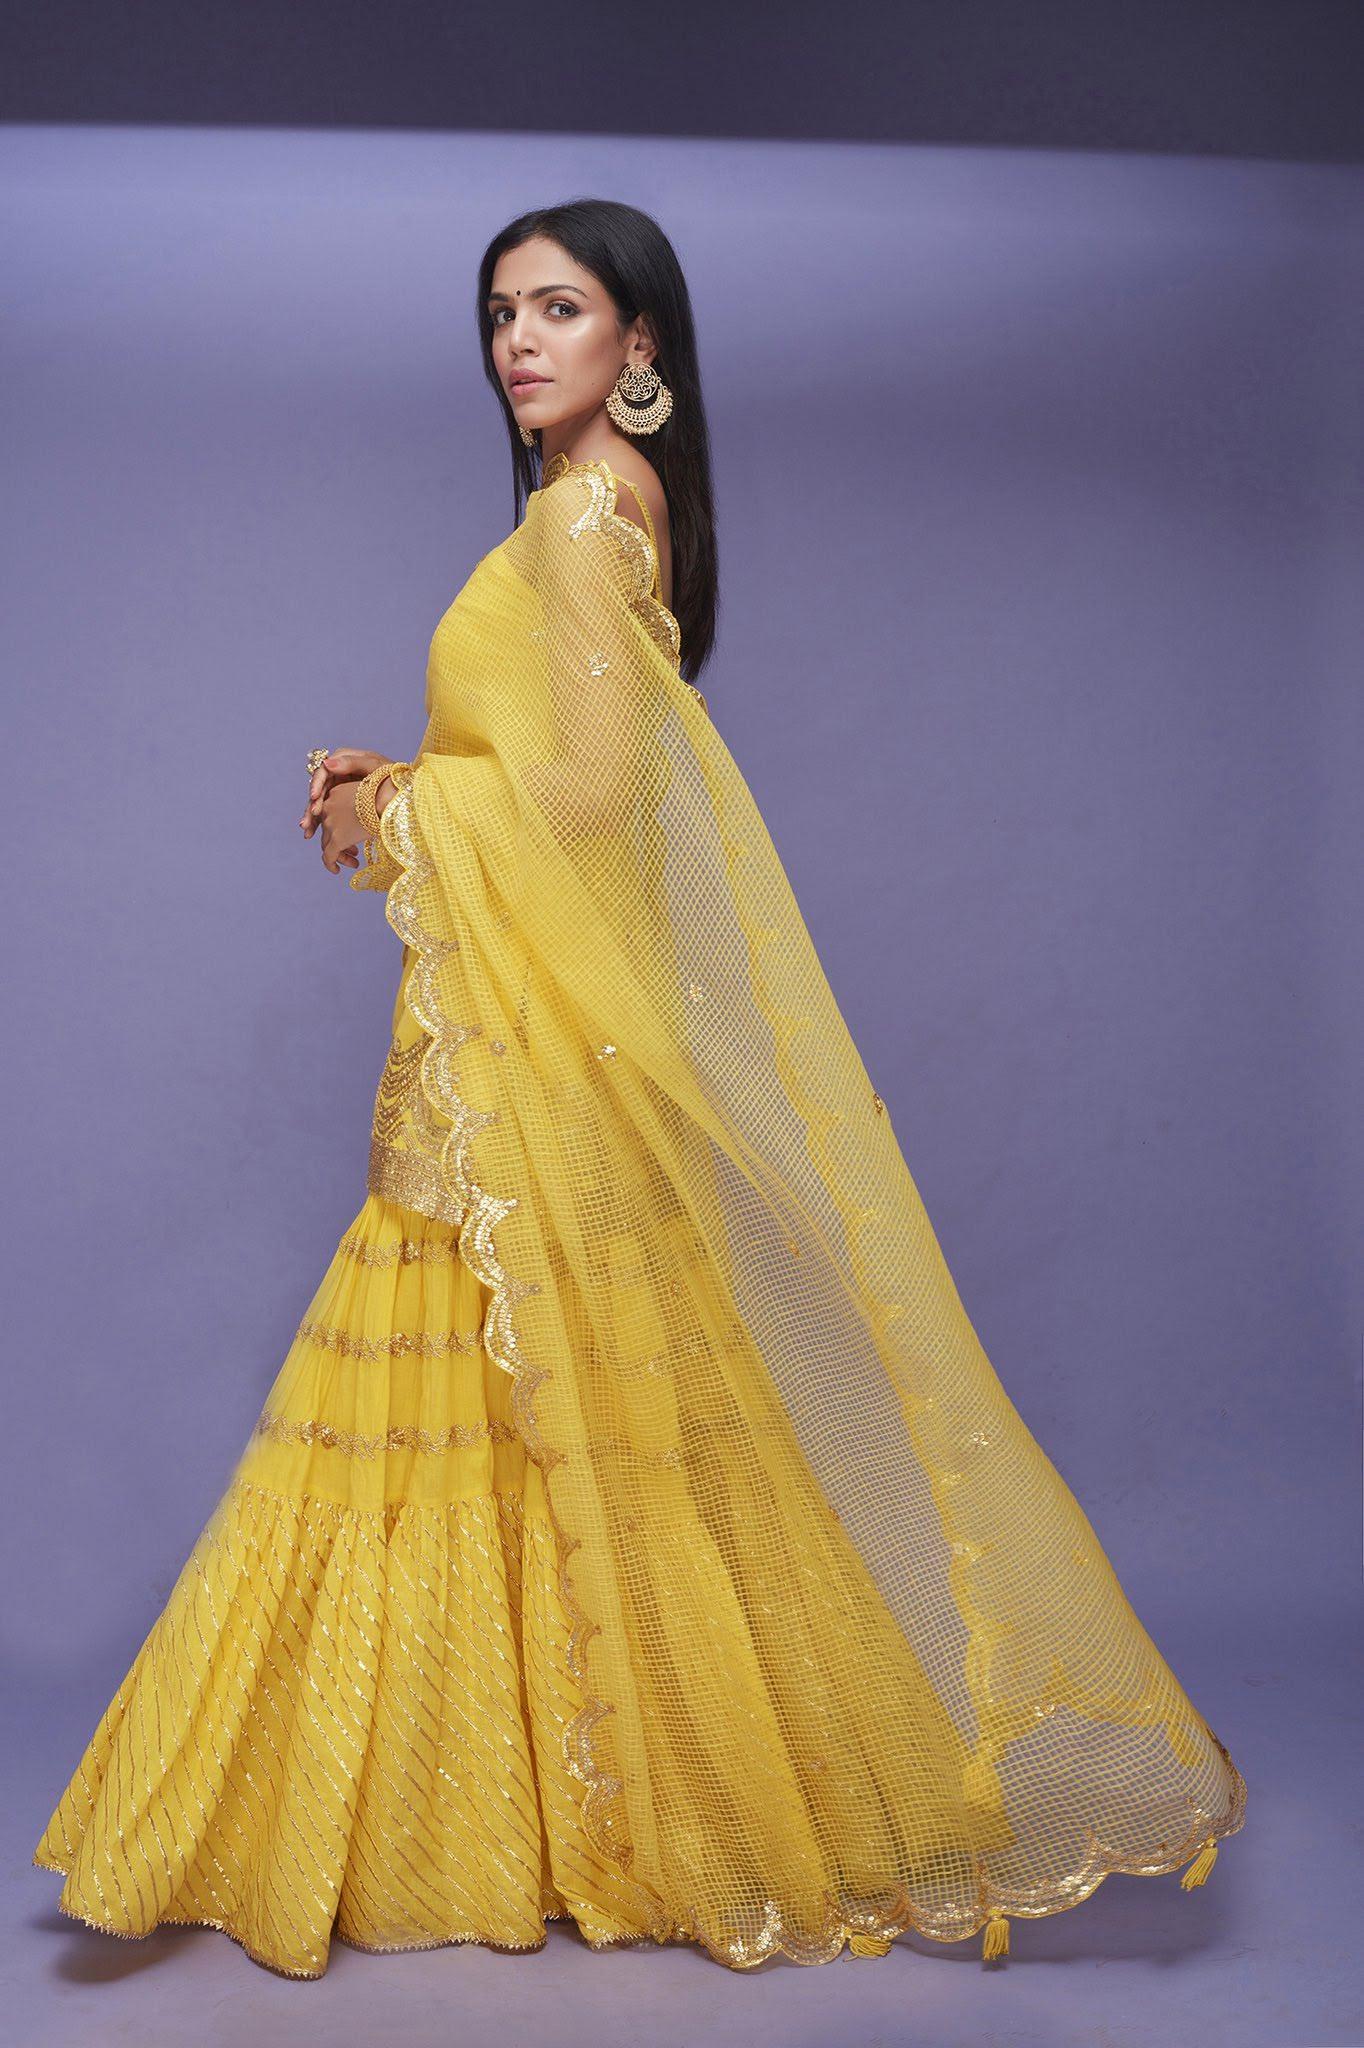 shriya-pilgaonkar-5152150